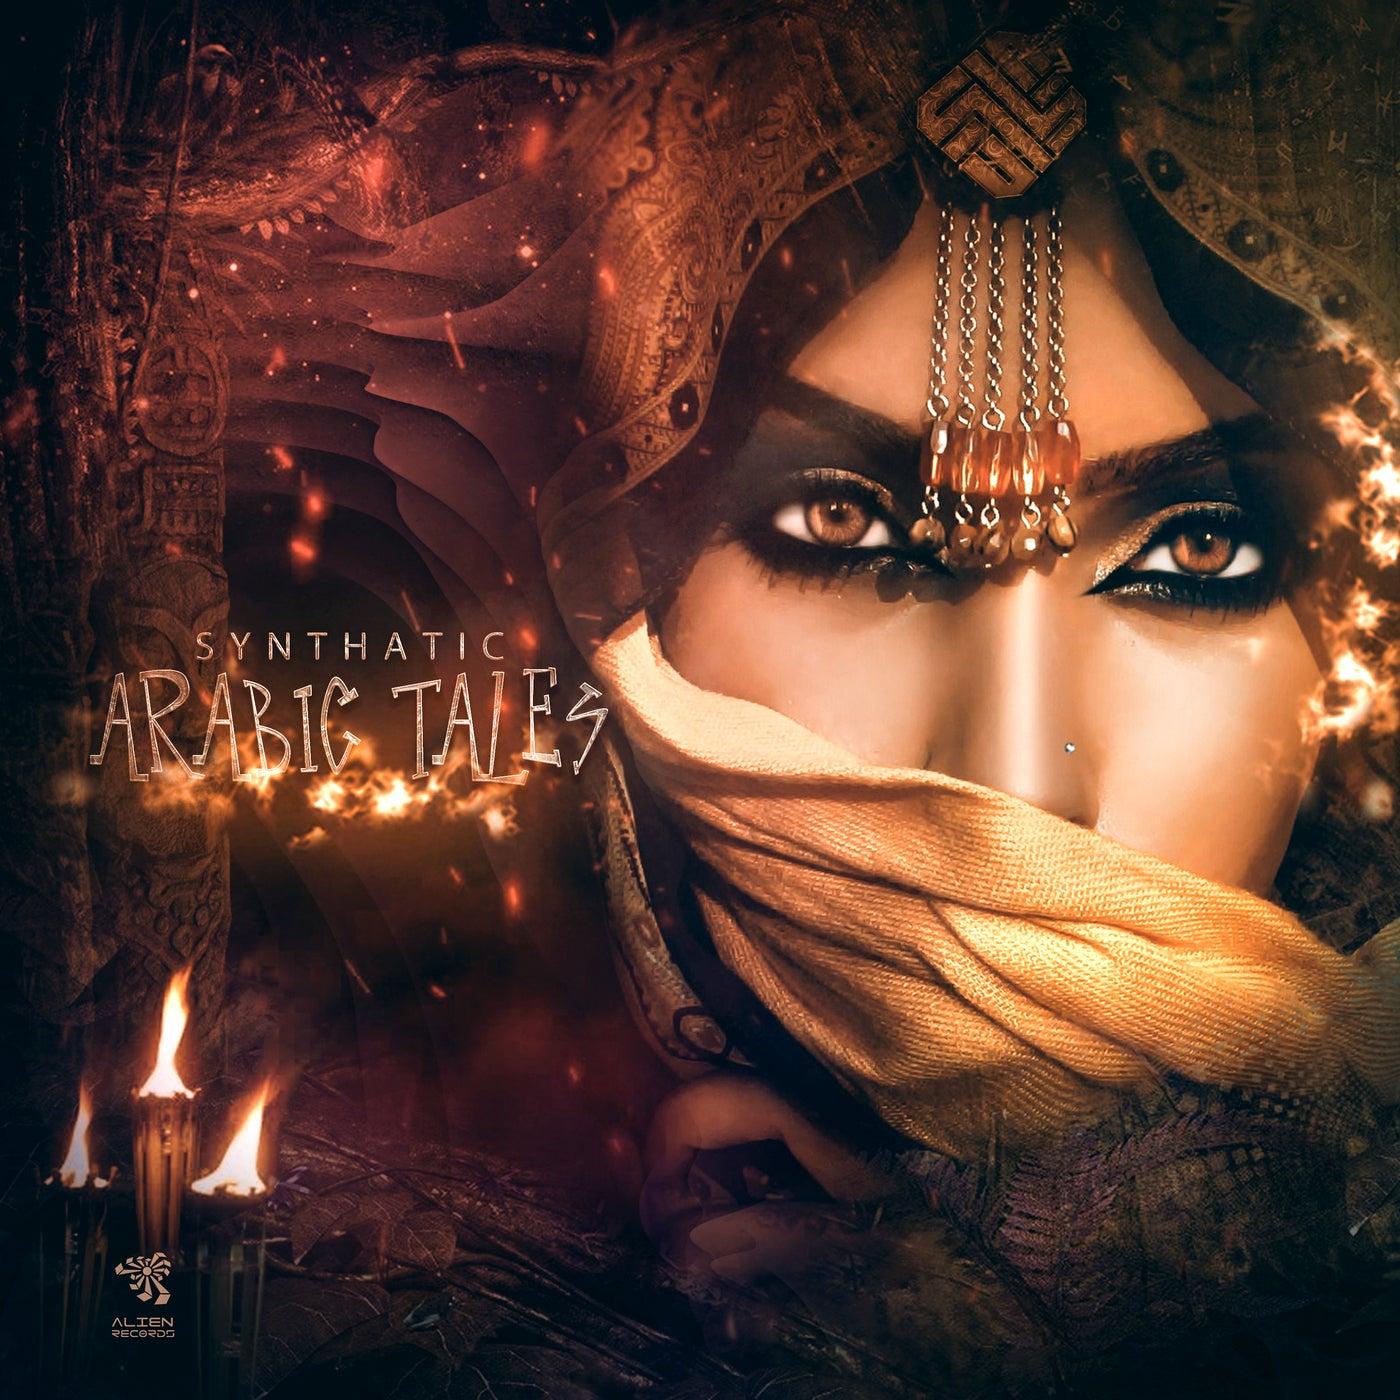 Arabic Tales (Original Mix)